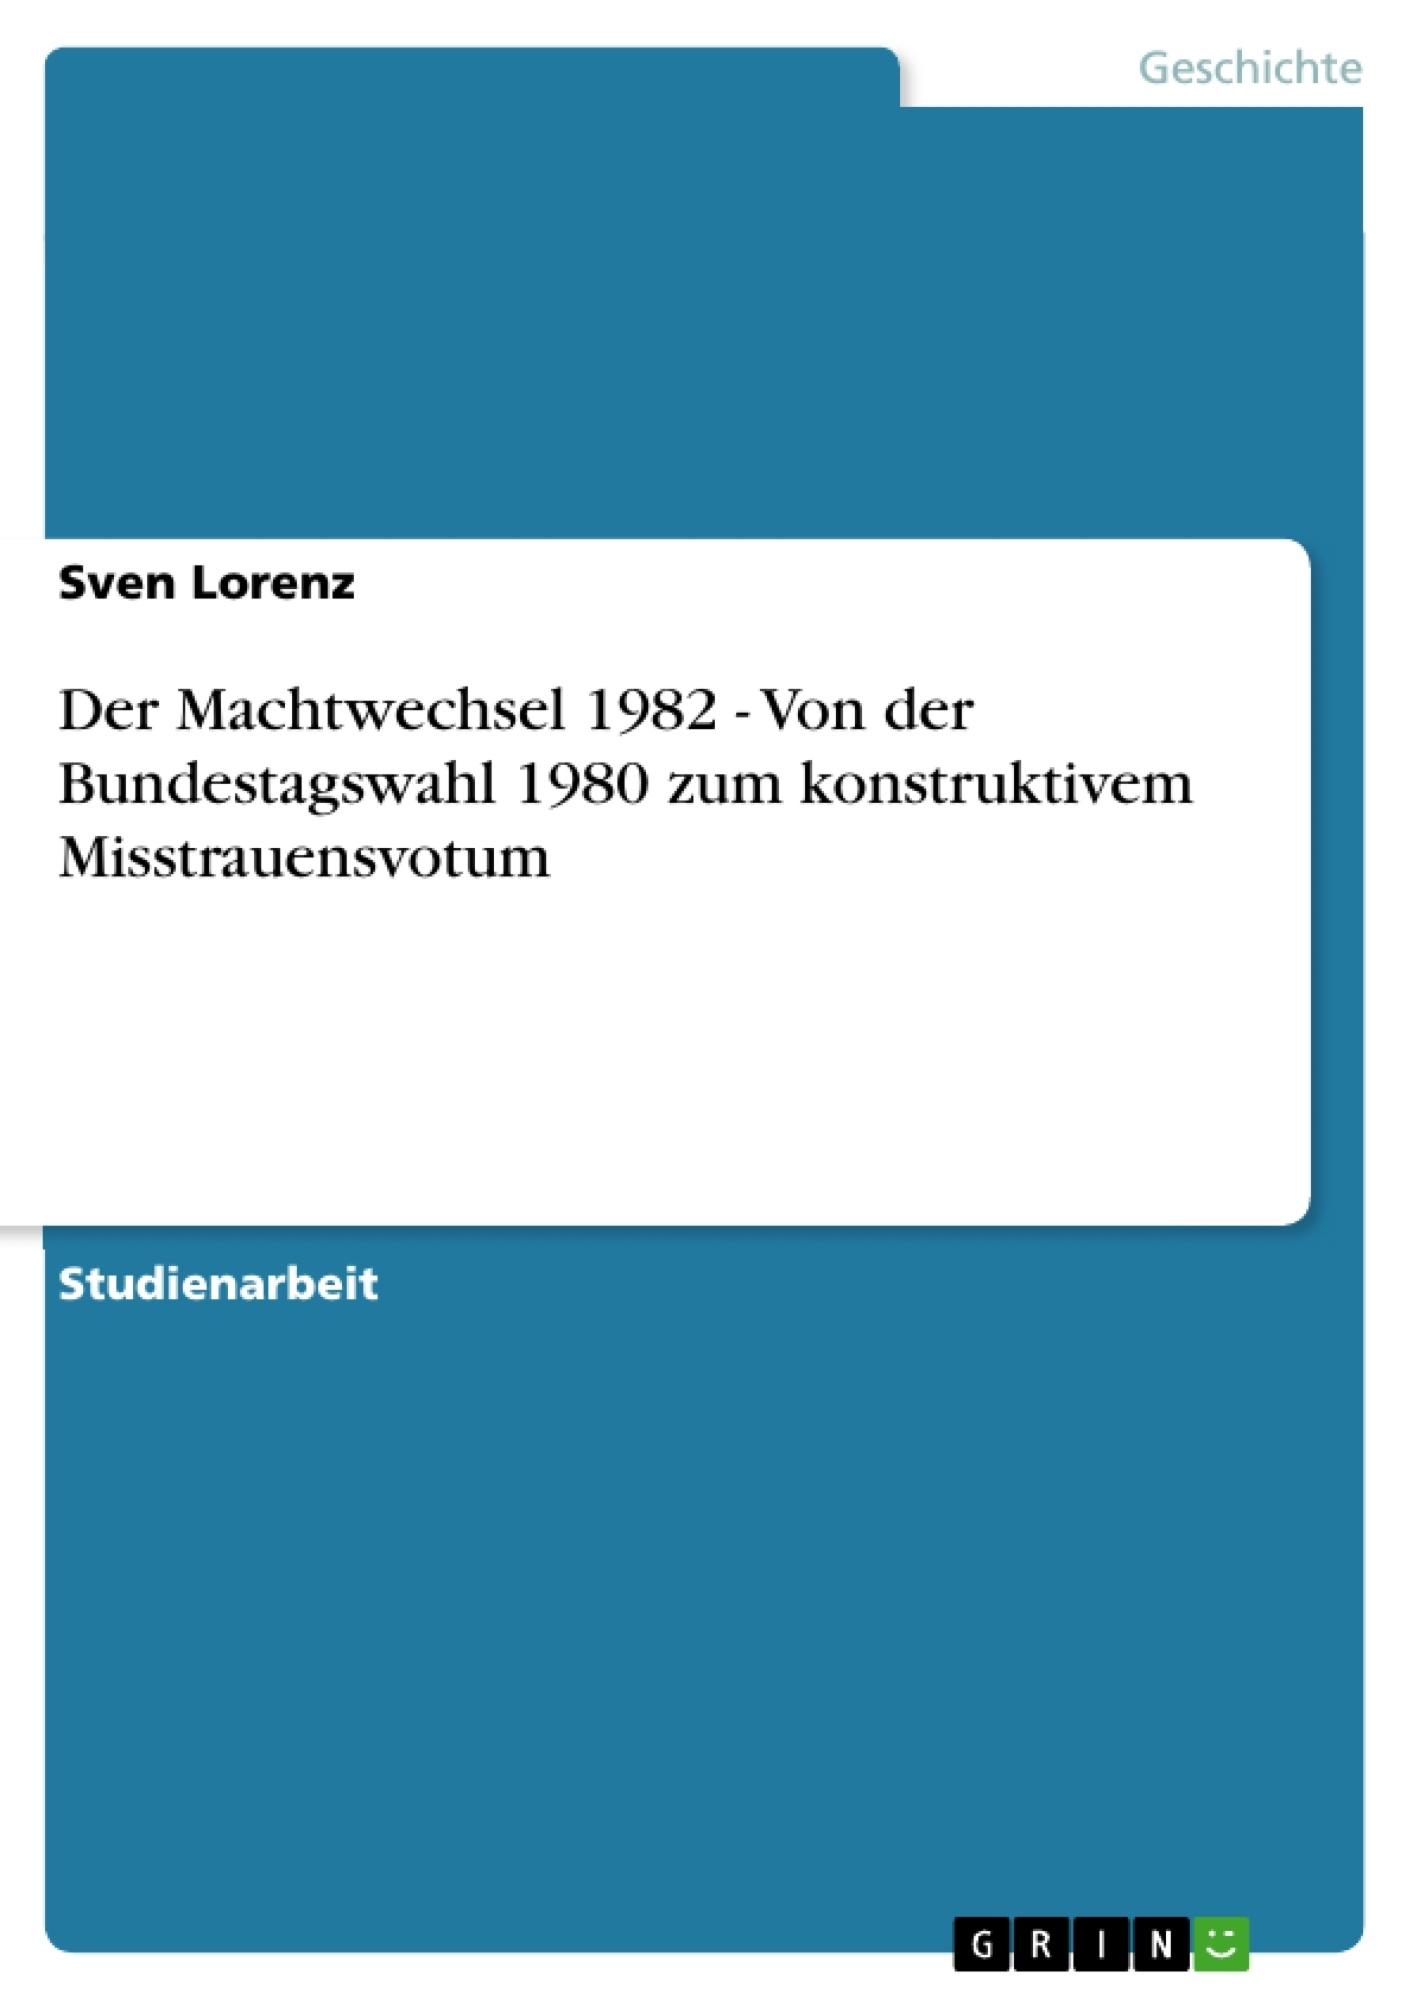 Titel: Der Machtwechsel 1982 - Von der Bundestagswahl 1980 zum konstruktivem Misstrauensvotum